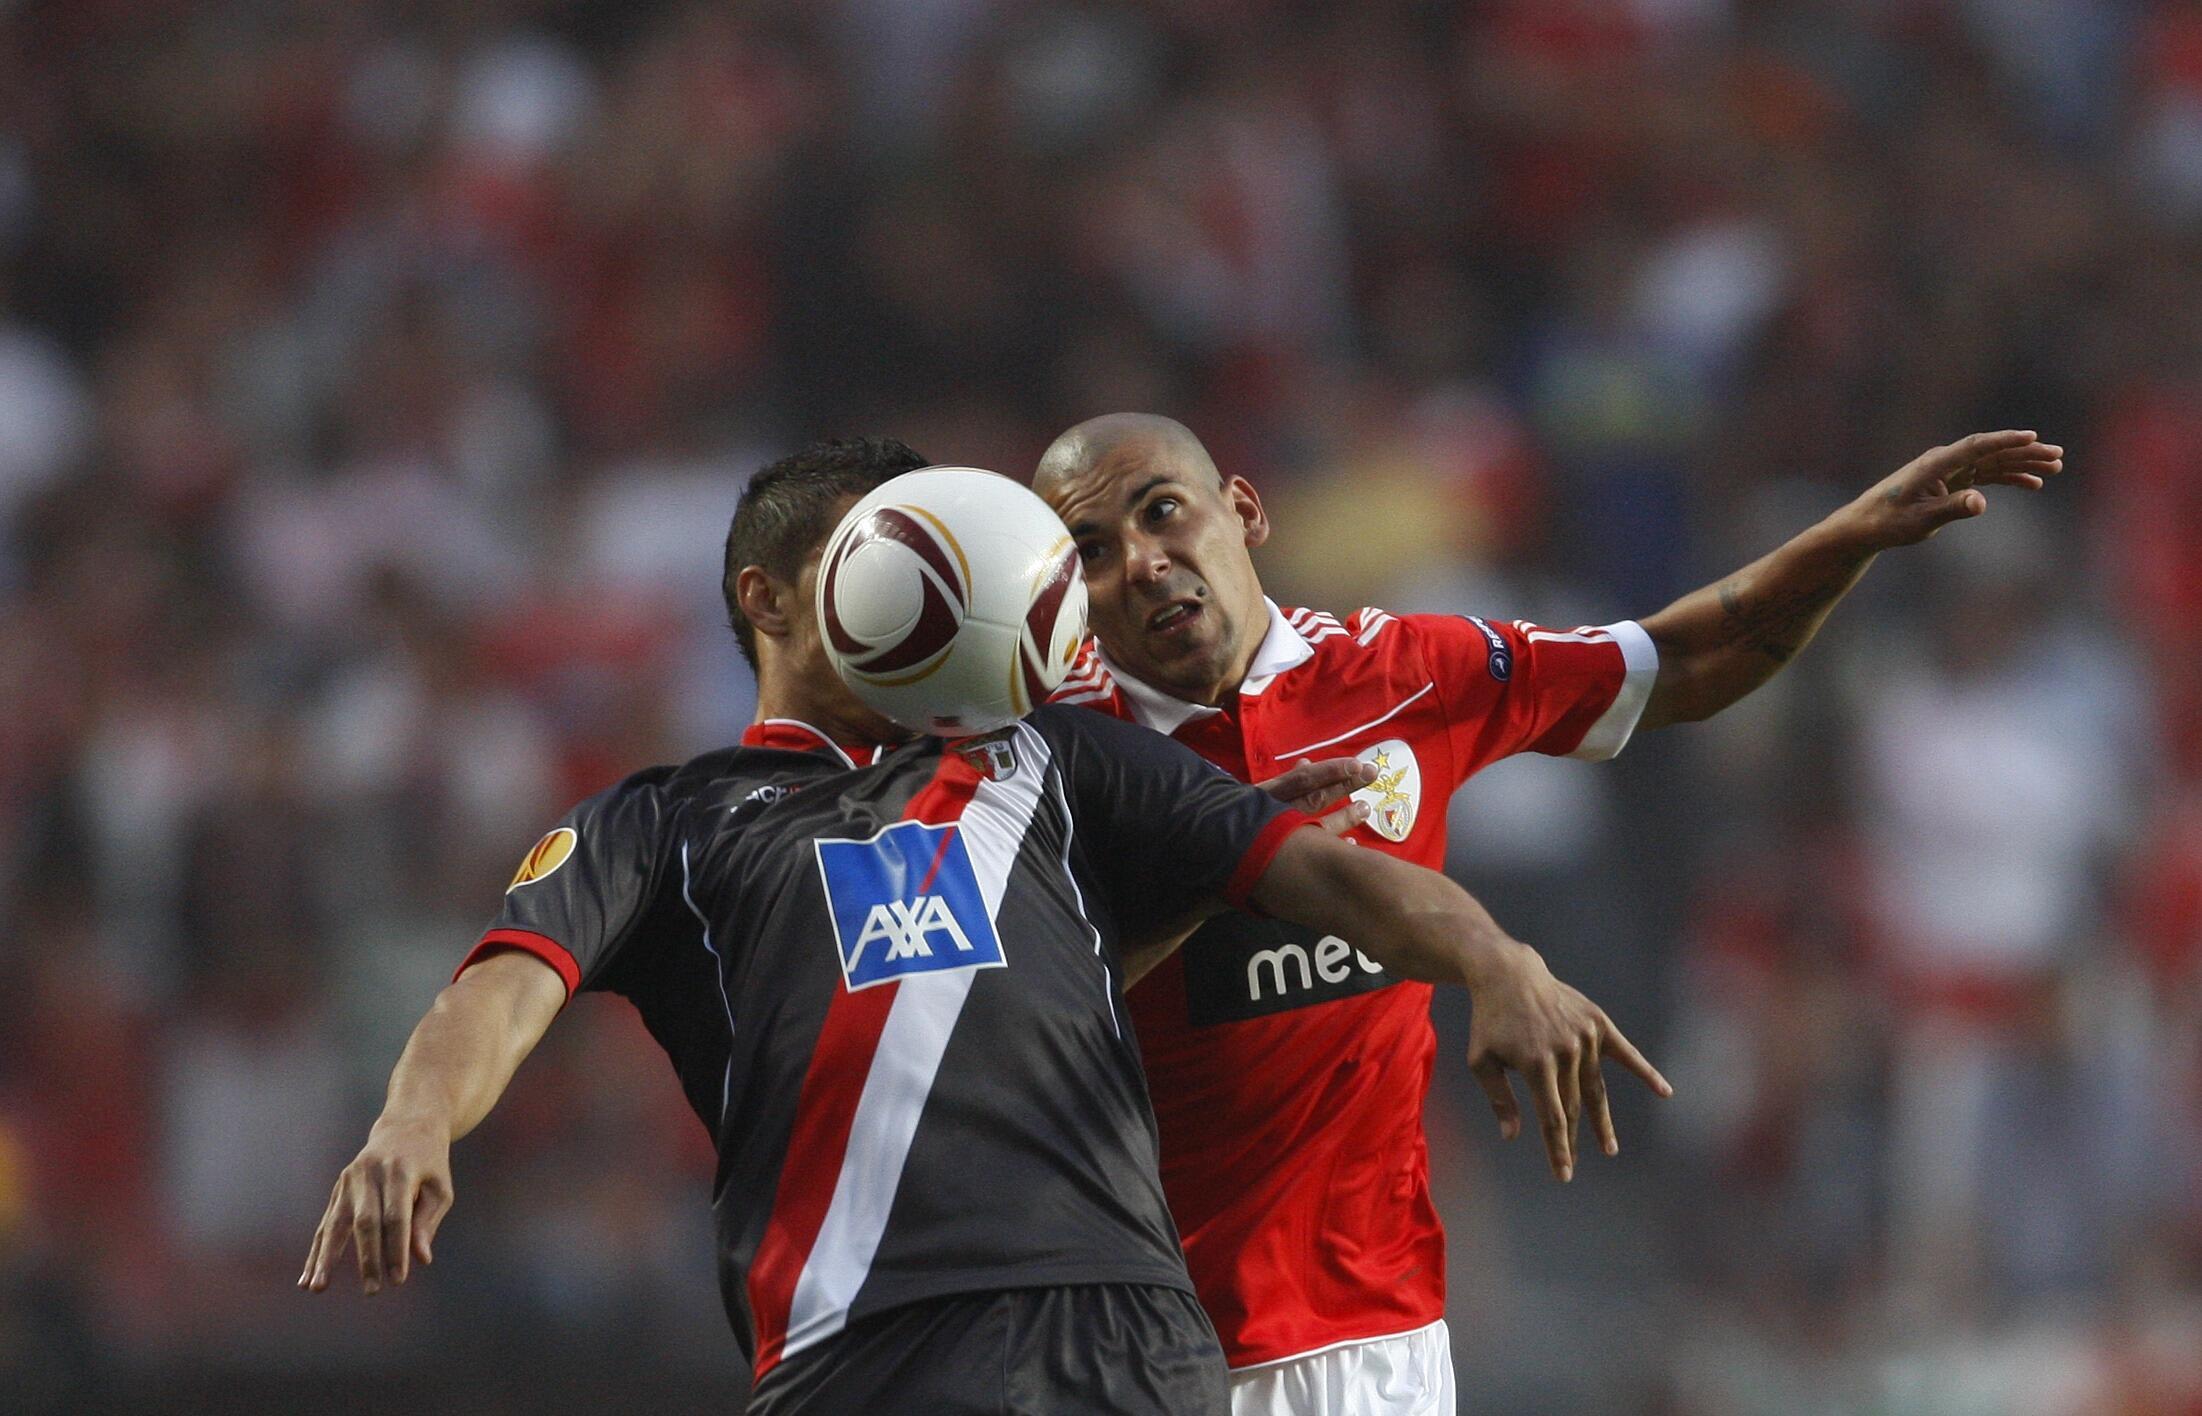 Maxi Pereira (Benfica) et Jose Lima (Braga) à la lutte lors de la demi-finale aller de Ligue Europa, le 28 avril 2011.